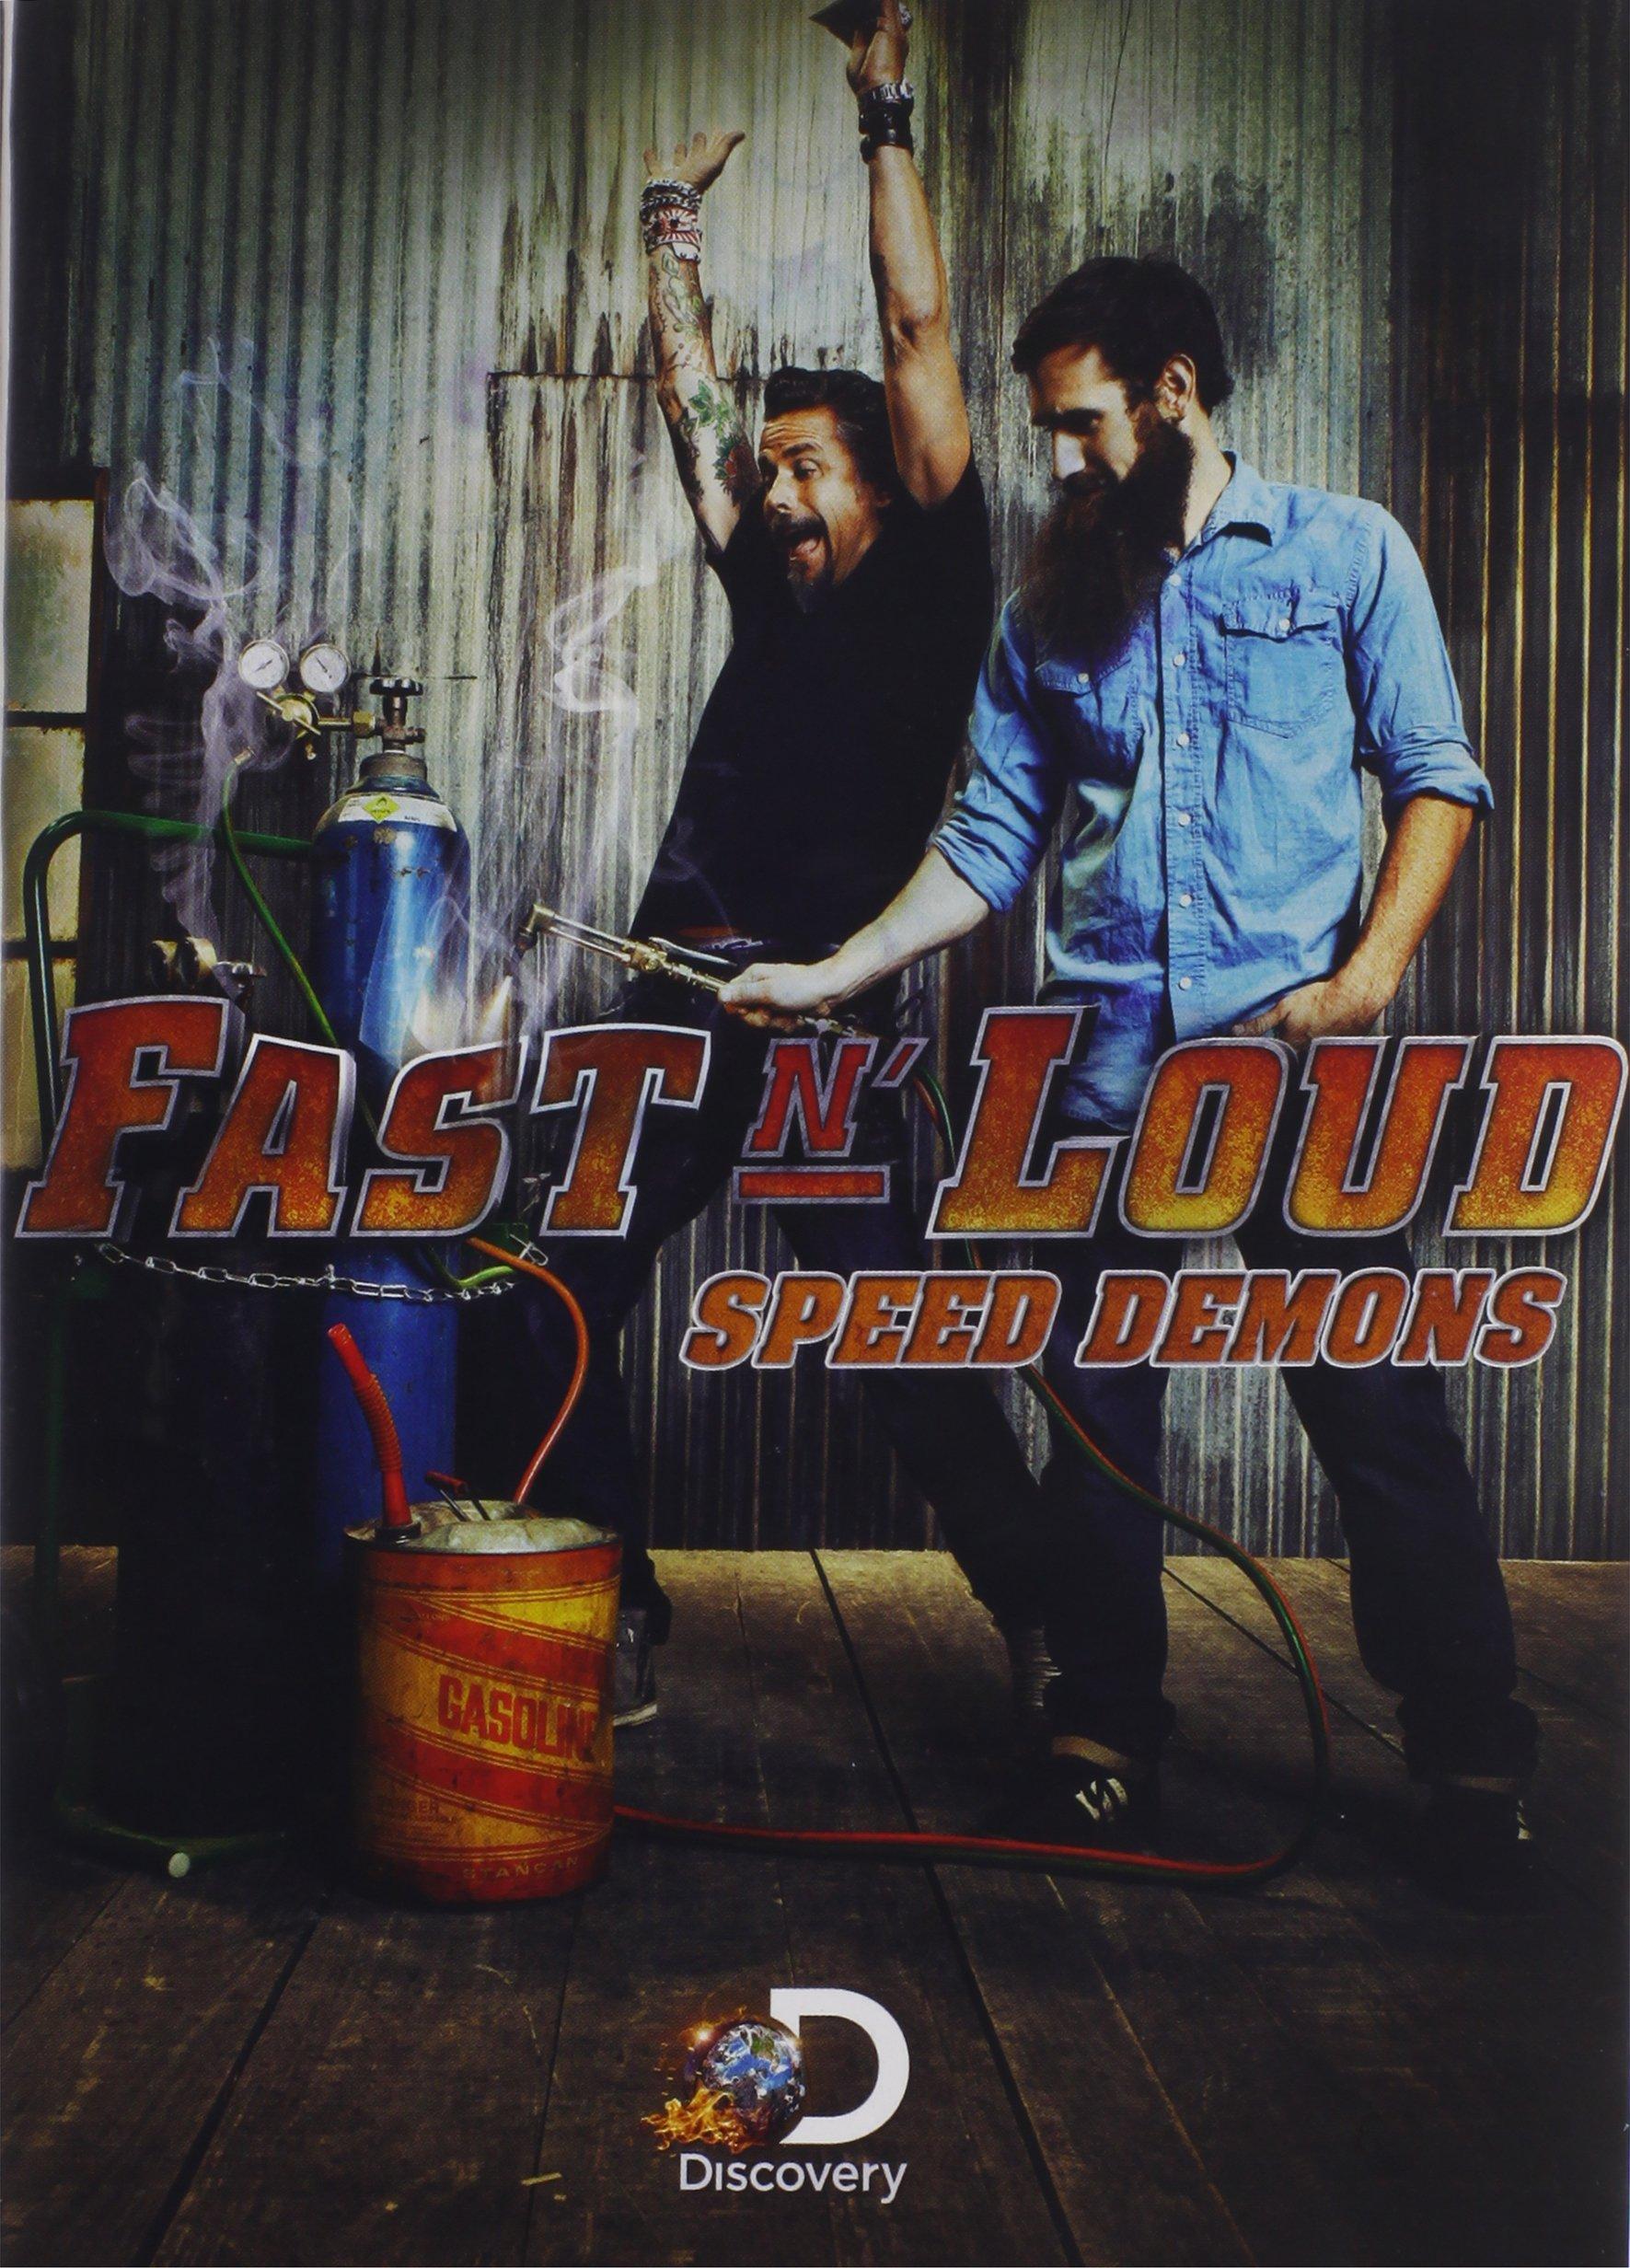 Fast N' Loud: Speed Demons